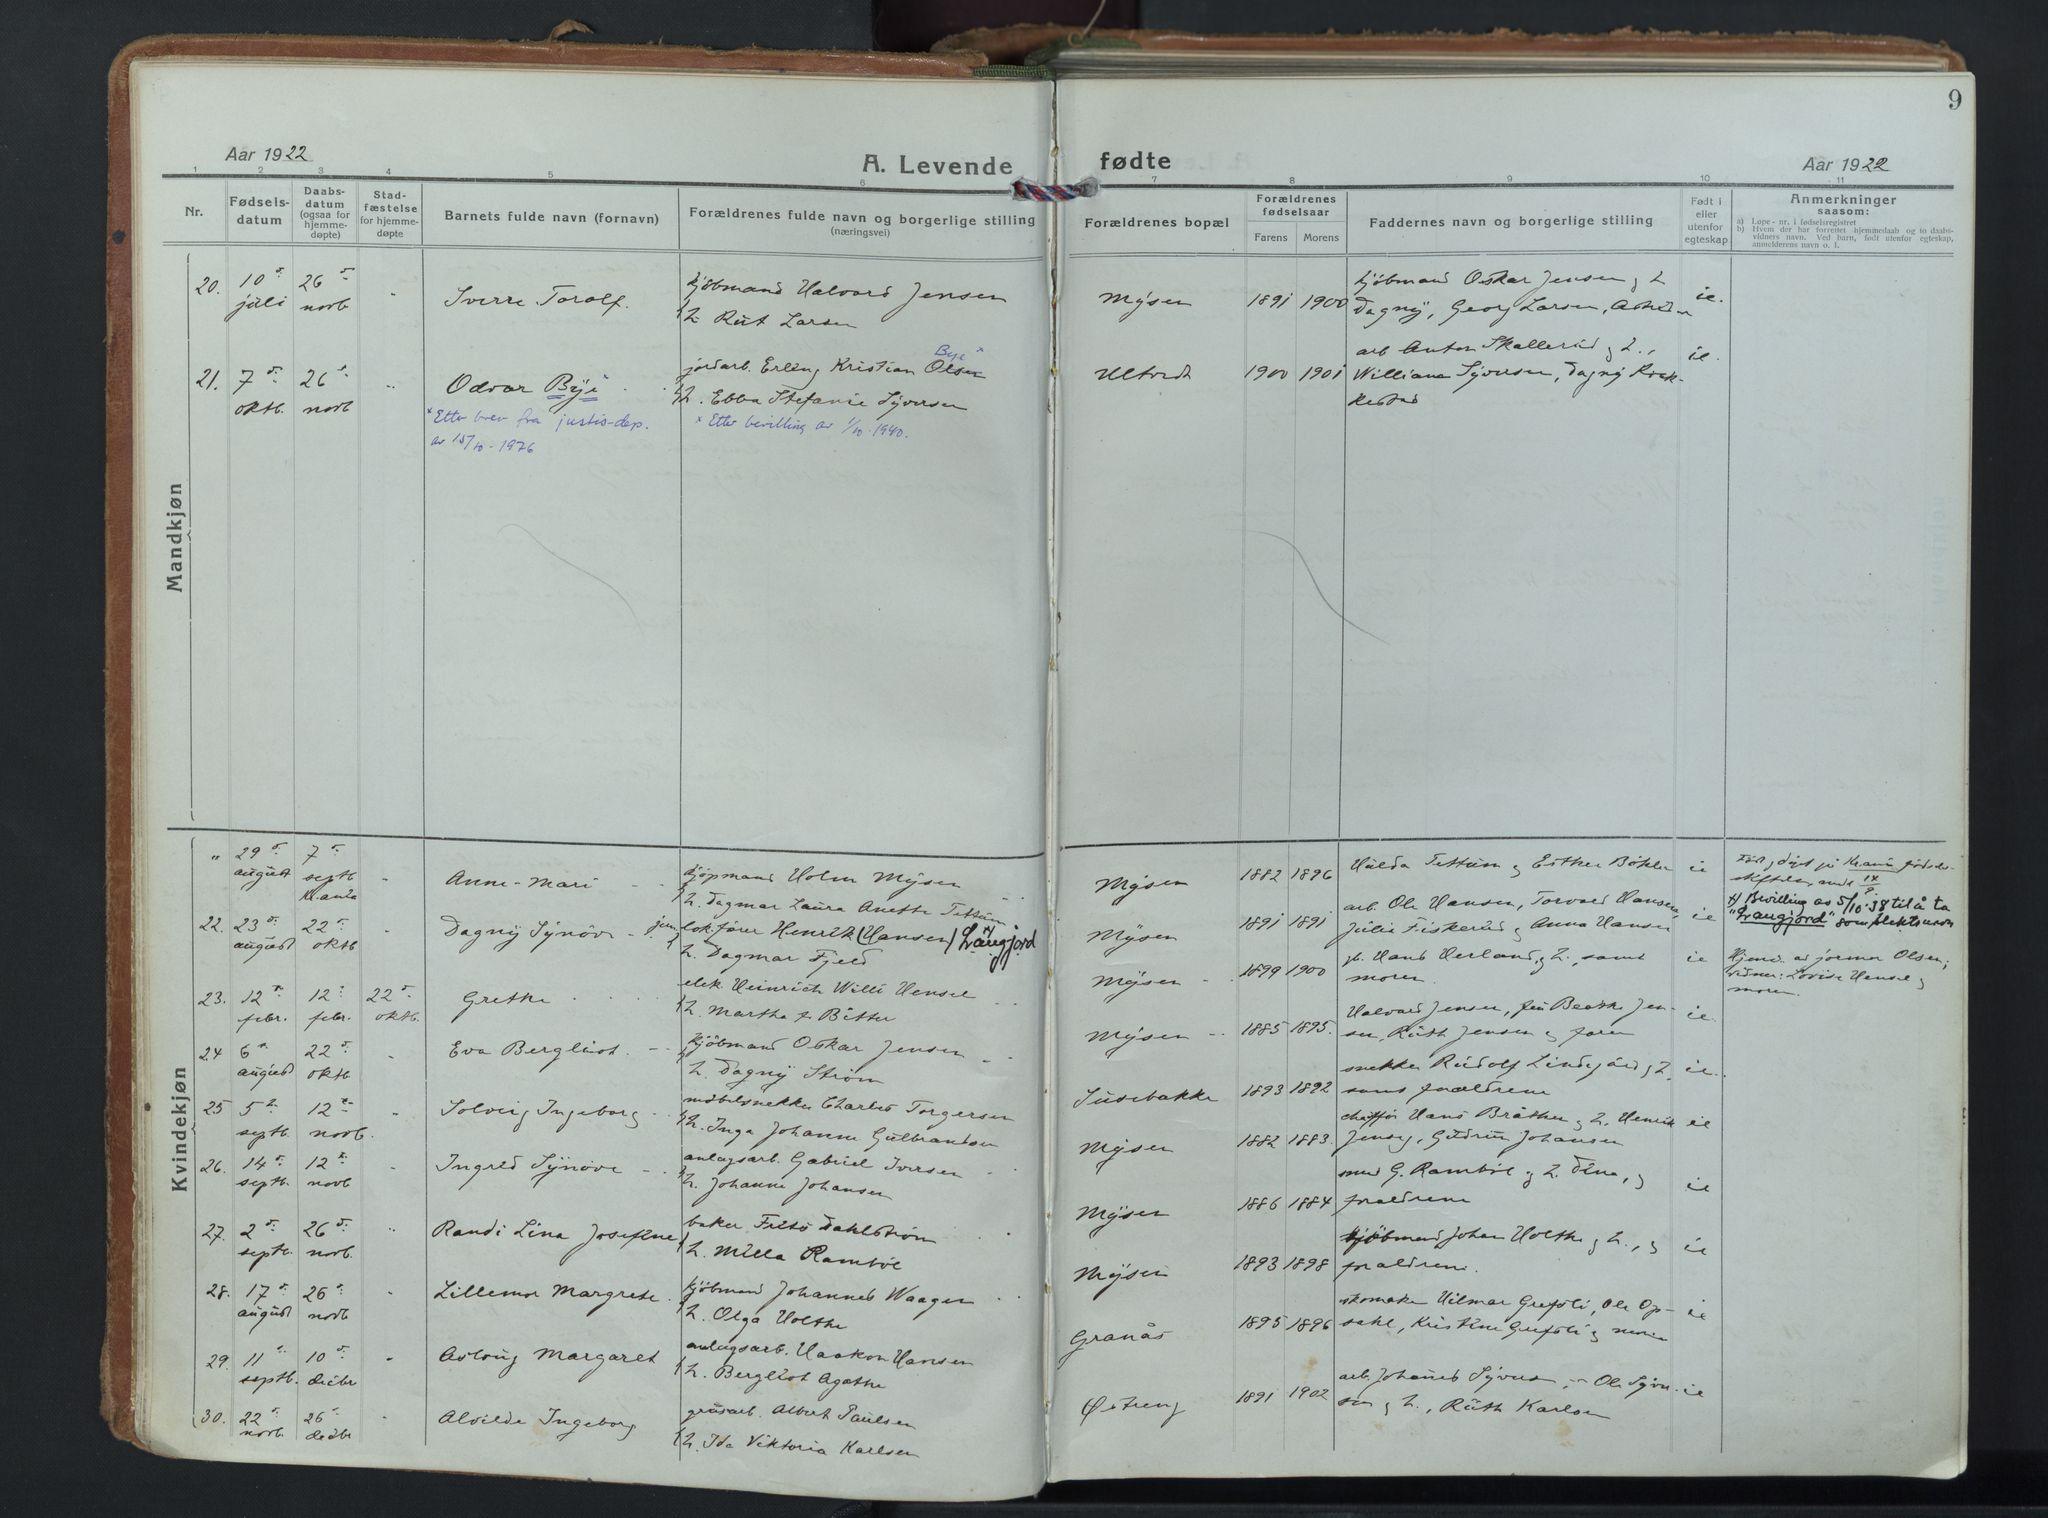 SAO, Eidsberg prestekontor Kirkebøker, F/Fd/L0001: Ministerialbok nr. IV 1, 1921-1948, s. 9